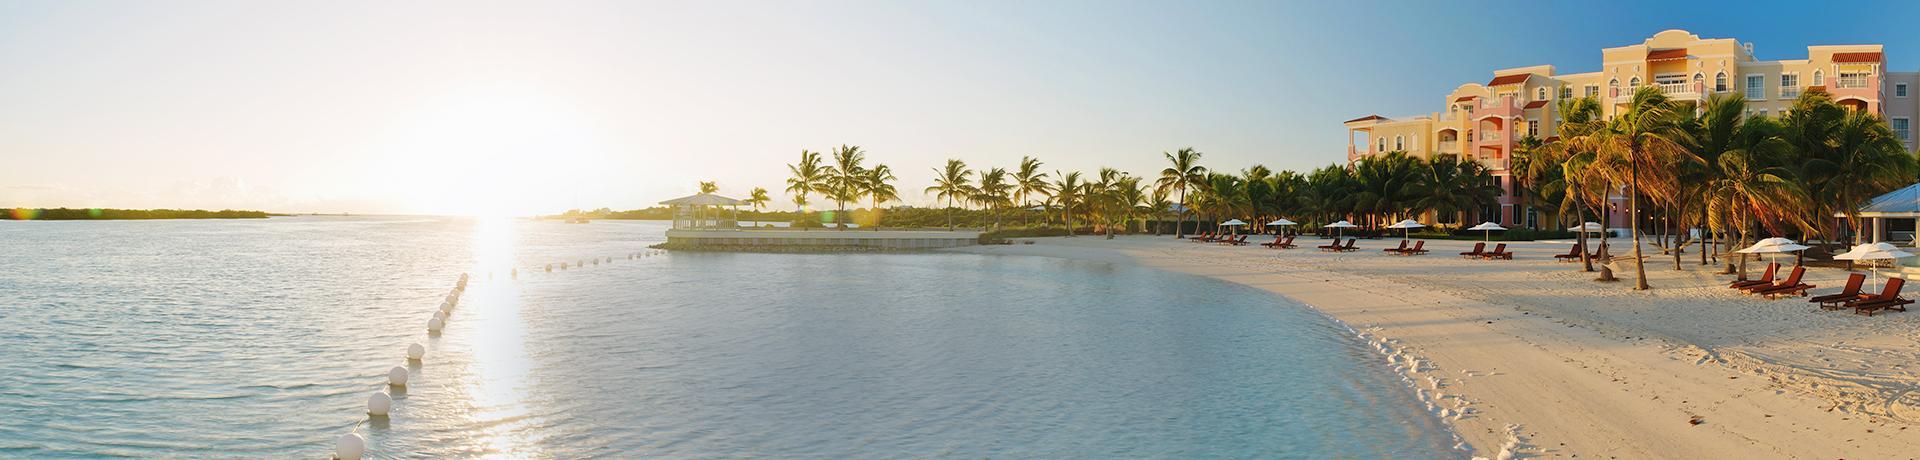 7 Sterne Hotels Co Die 10 Unglaublichsten Luxushotels